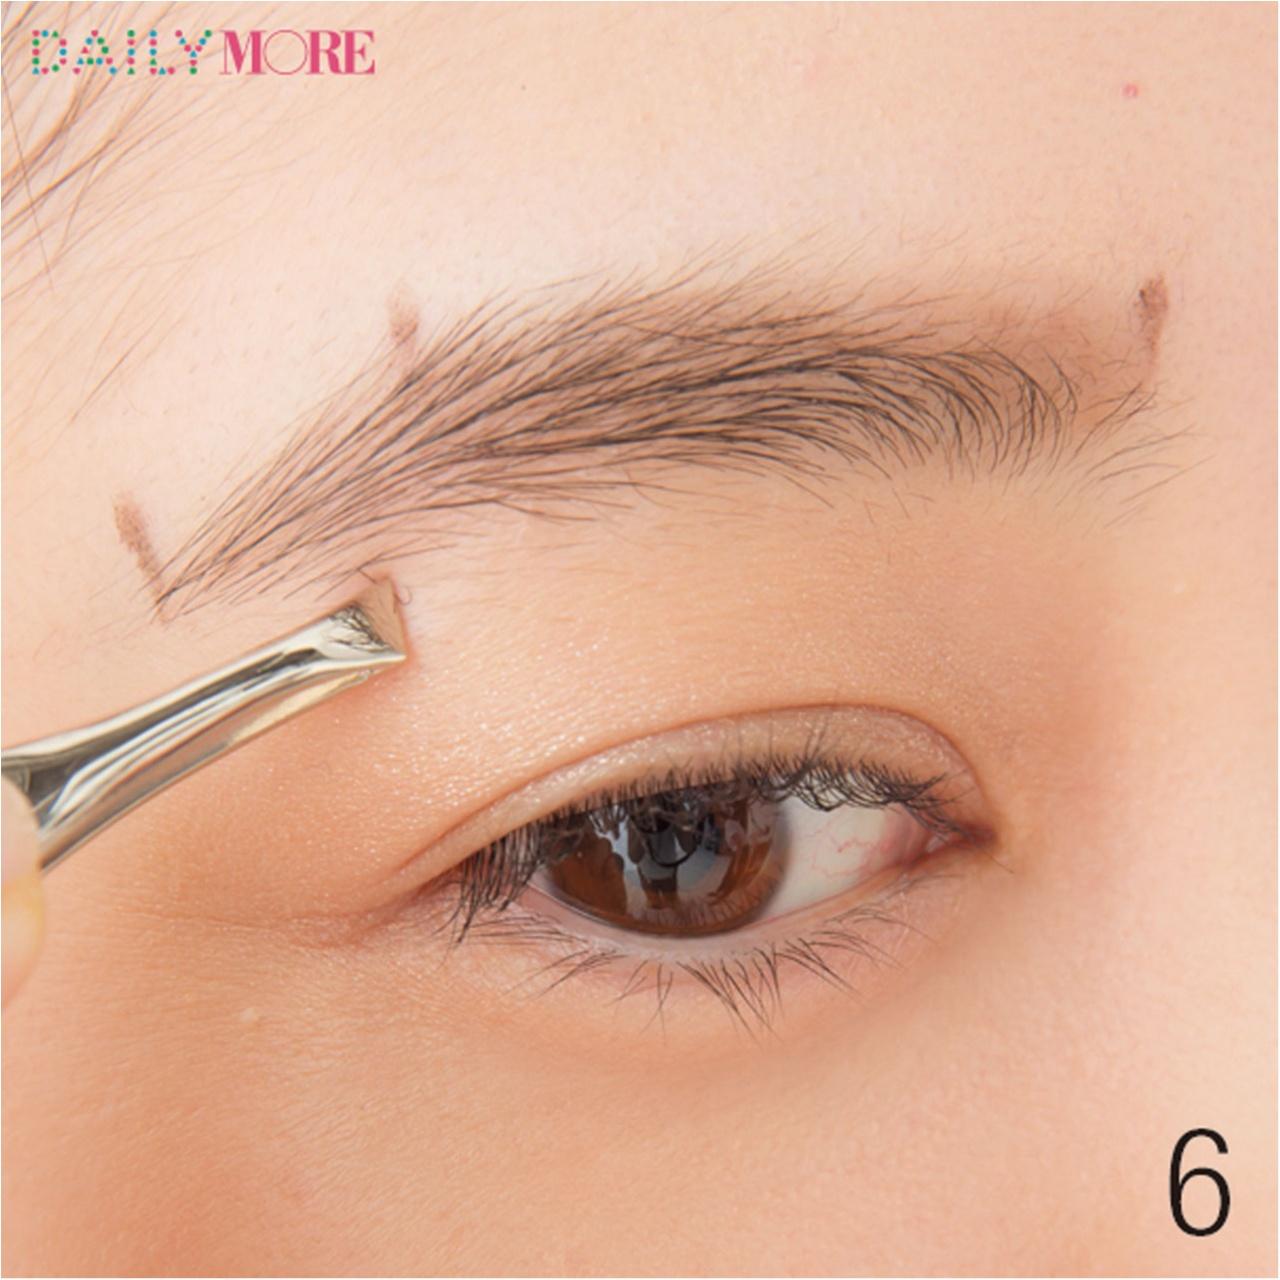 平行眉メイク特集 - 眉毛の形の整え方、描き方のポイントまとめ_8